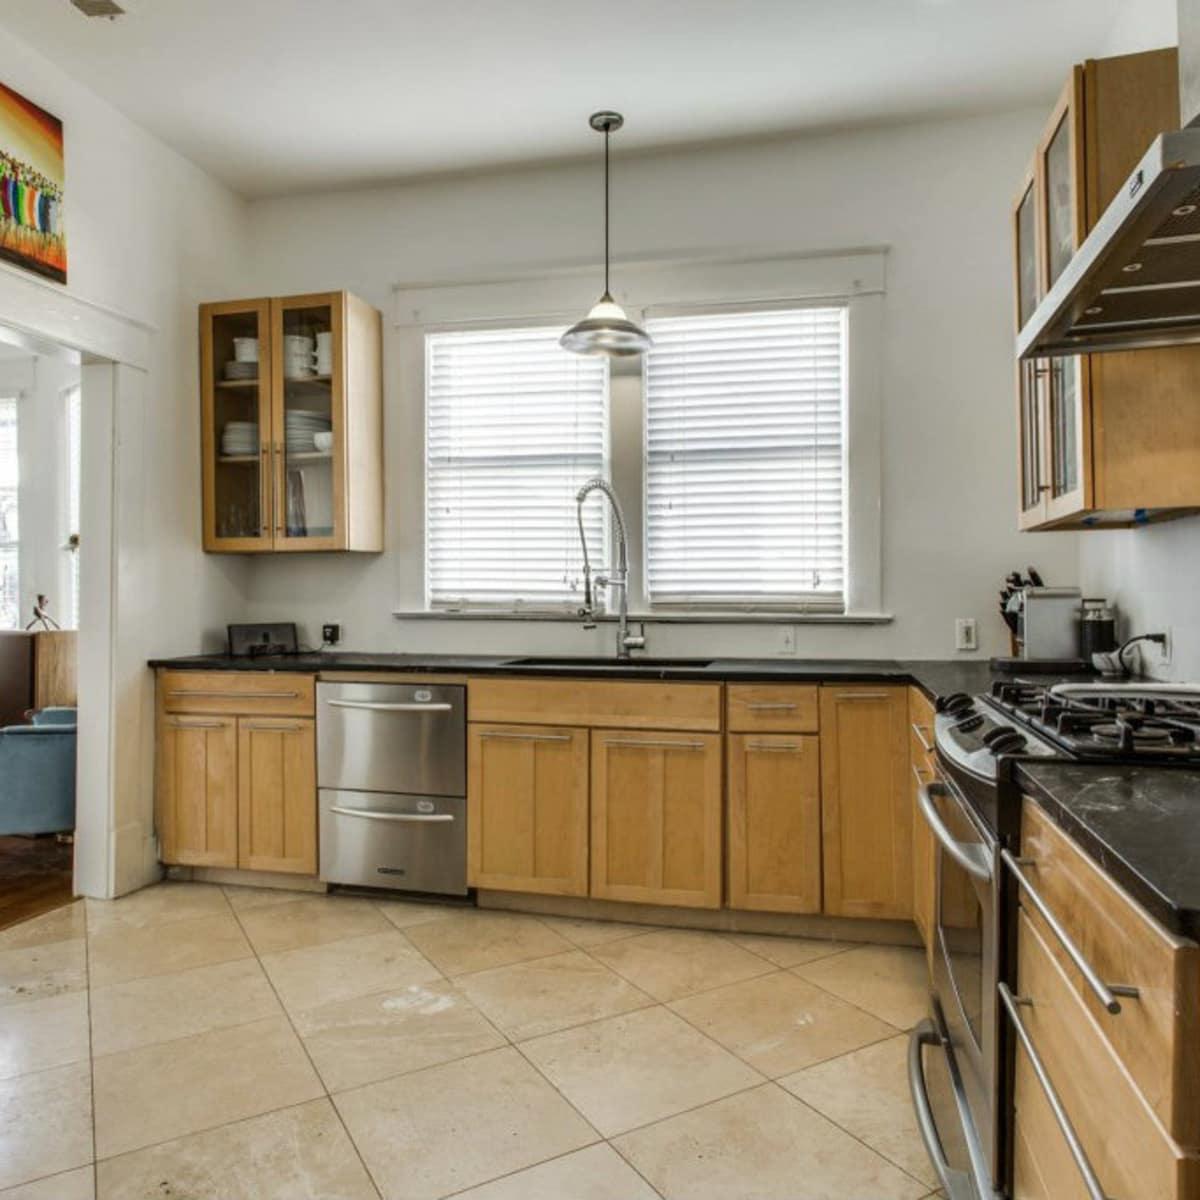 118 N. Winnetka kitchen